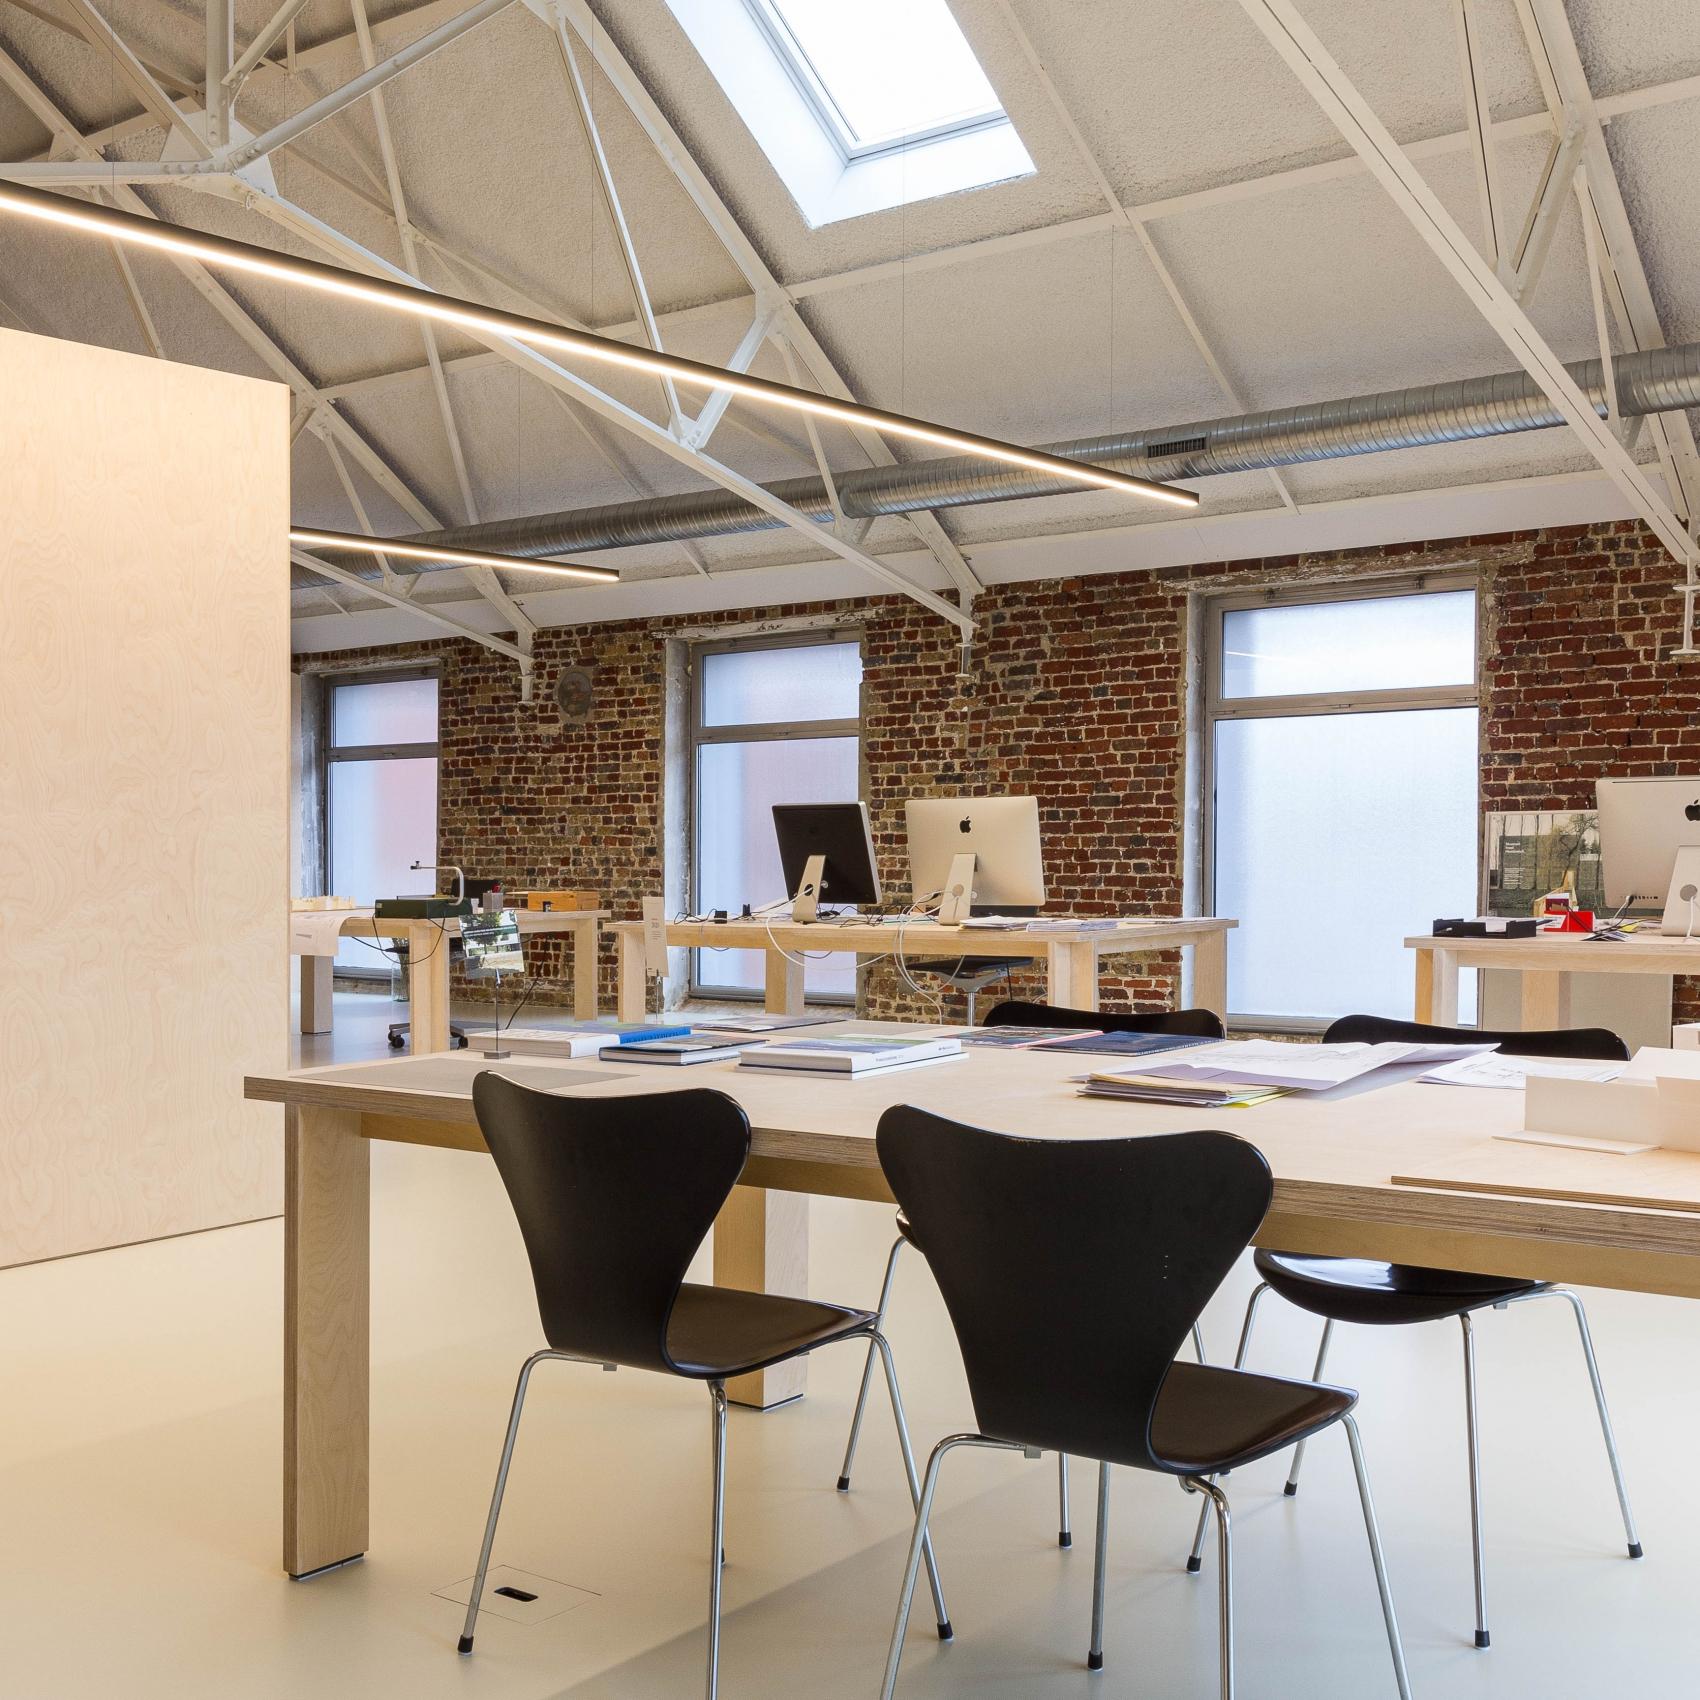 atelier-12-kantoor-1d